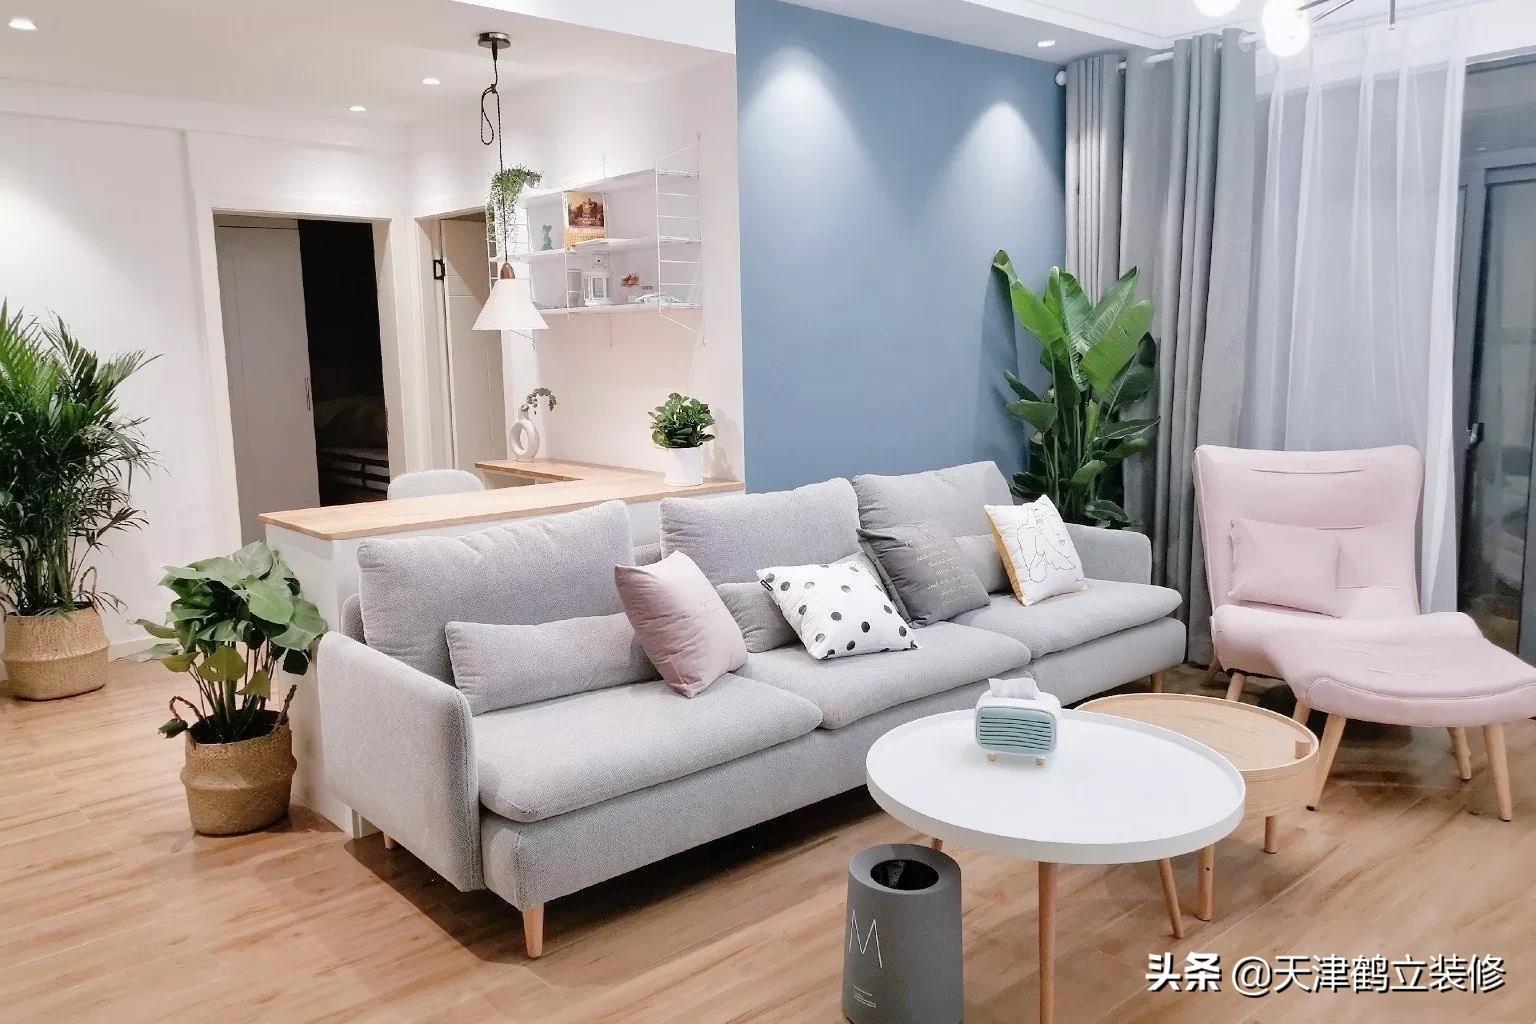 天津鹤立装修——三室新房毕业照。不挑户型的北欧风来了